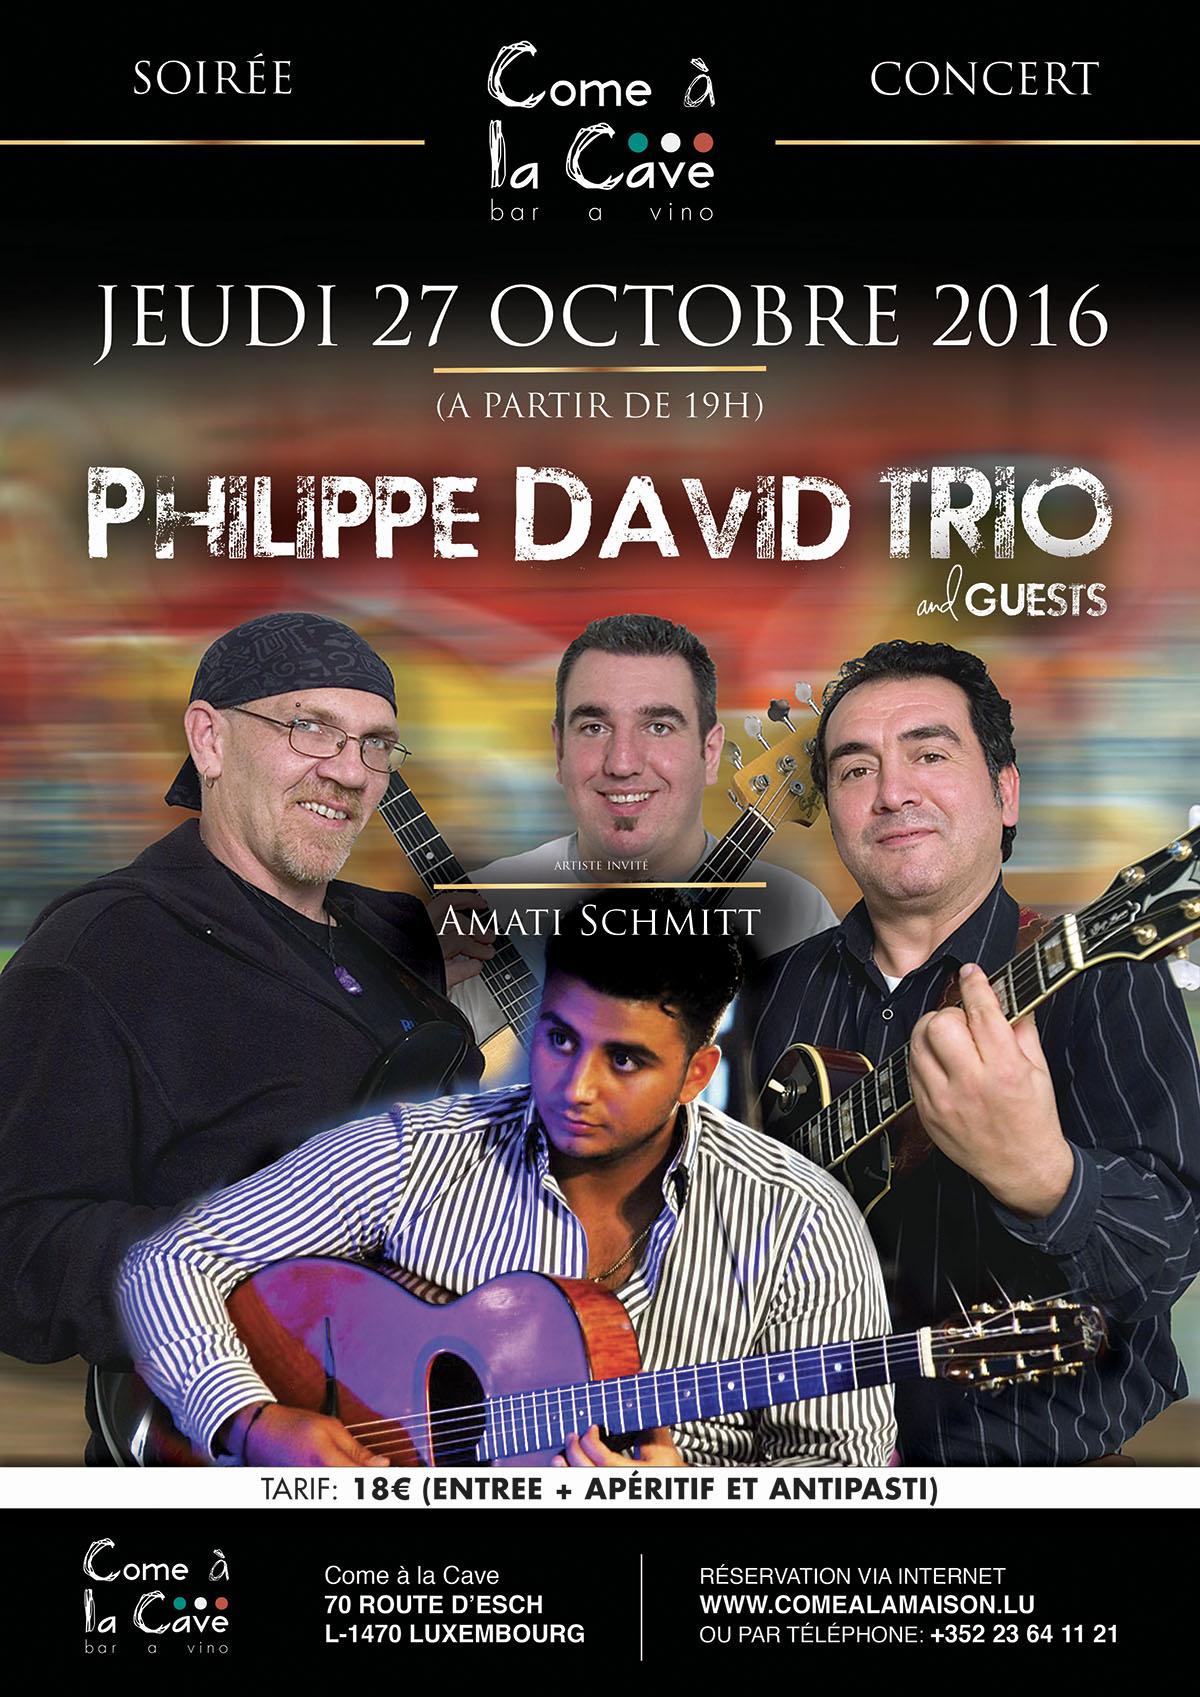 Phillipe David Trio & Amati Schmitt